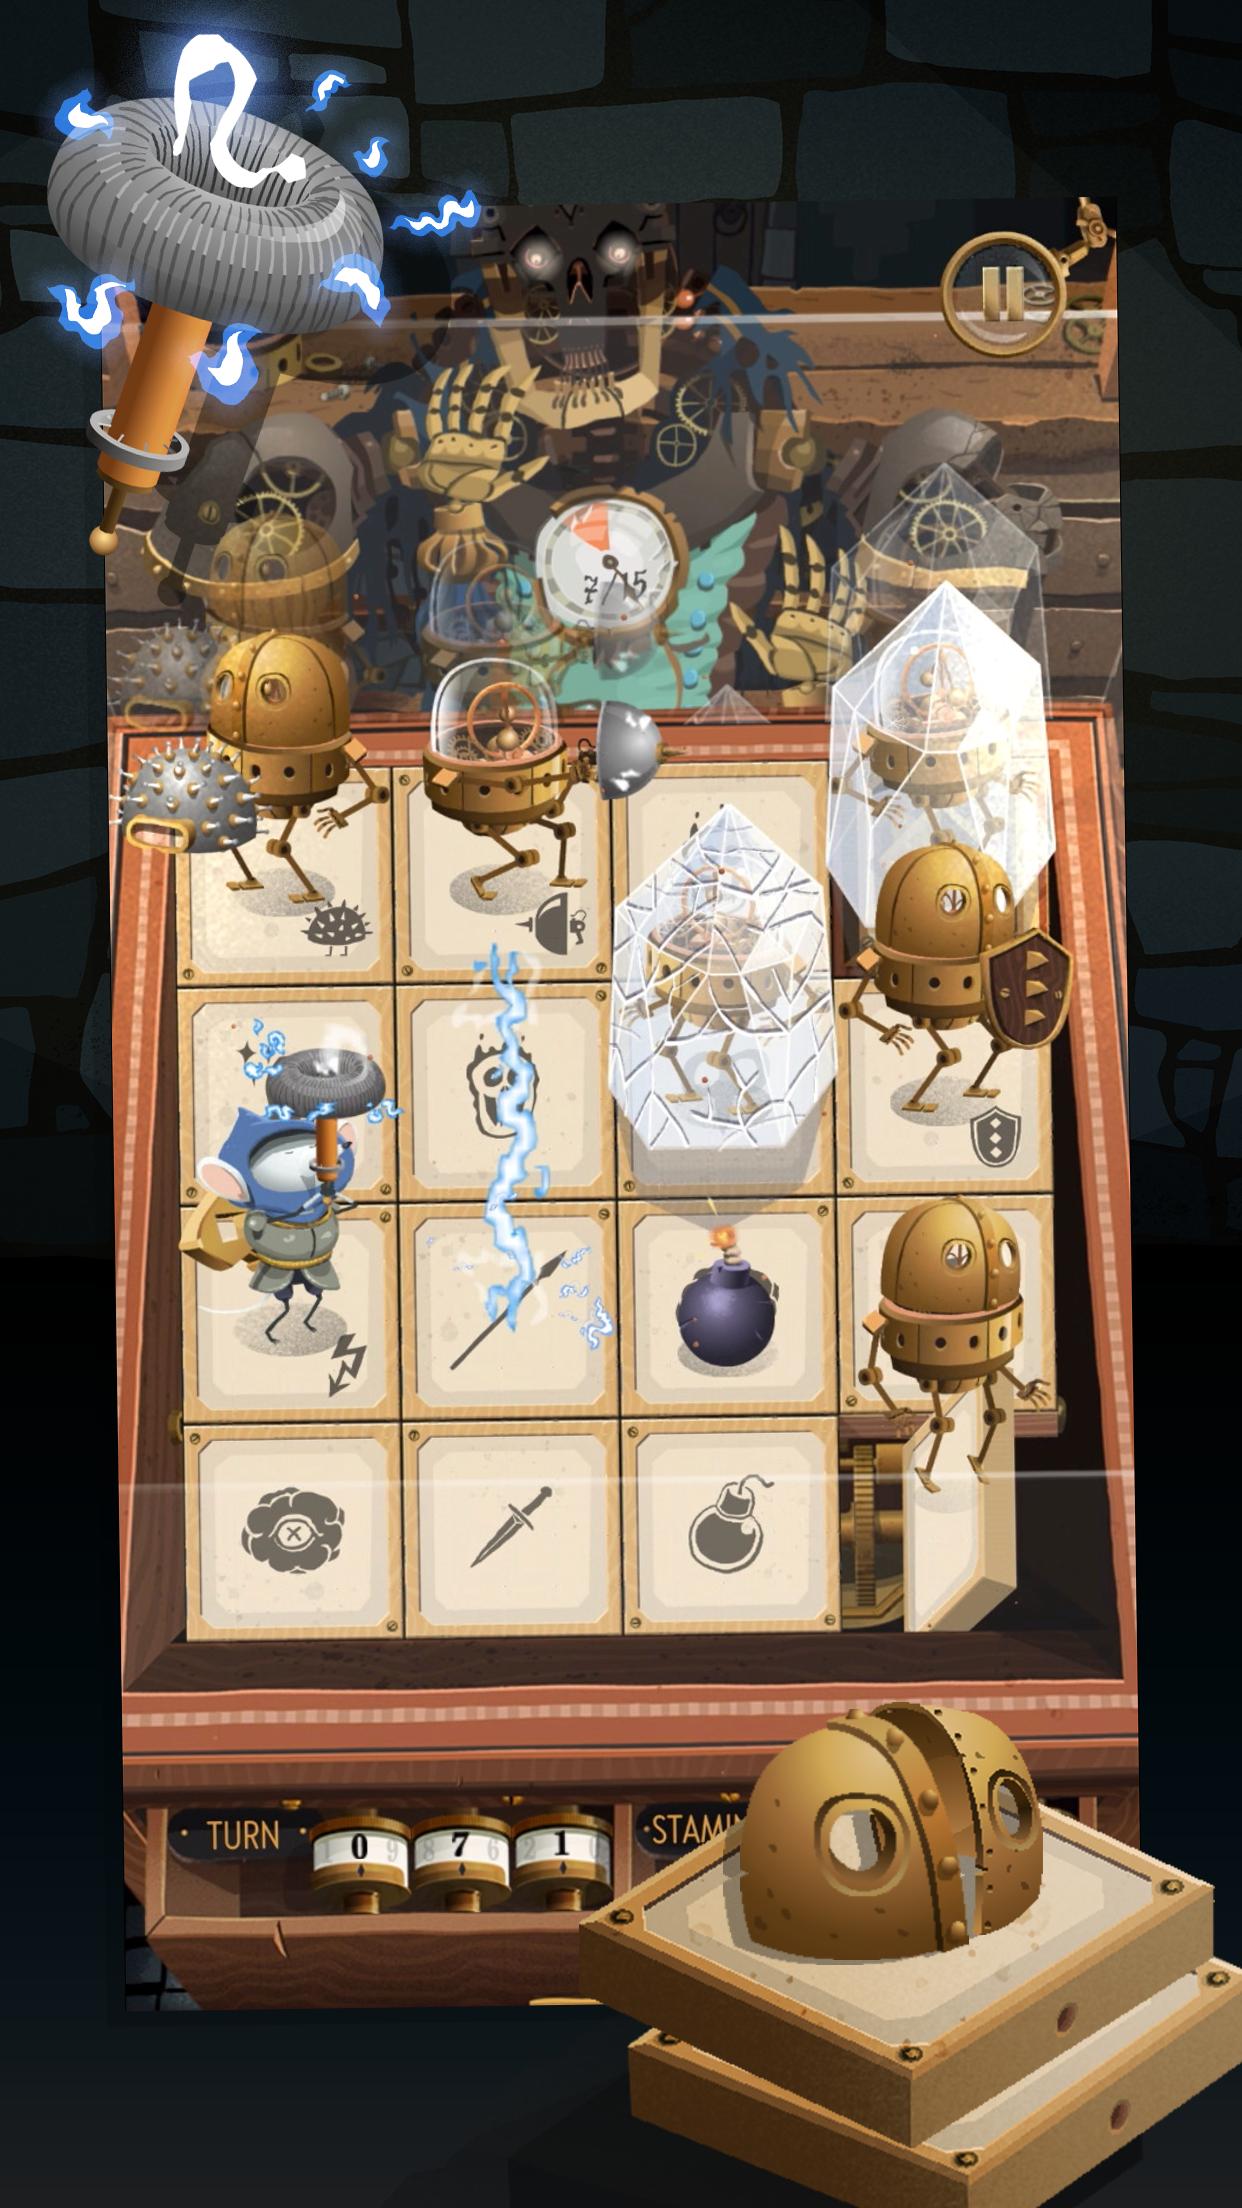 迷宫机械游戏截图